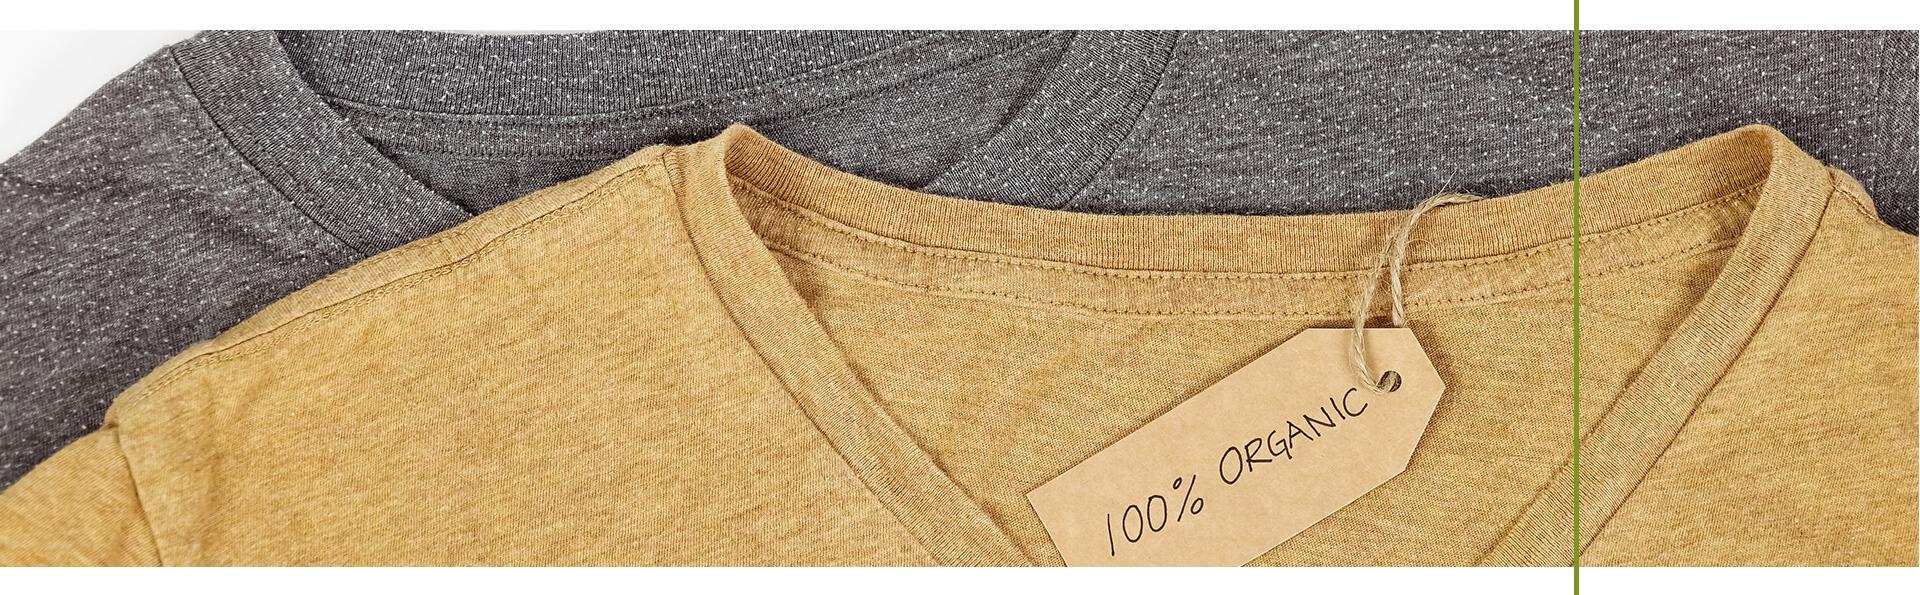 Świadome zakupy ubraniowe